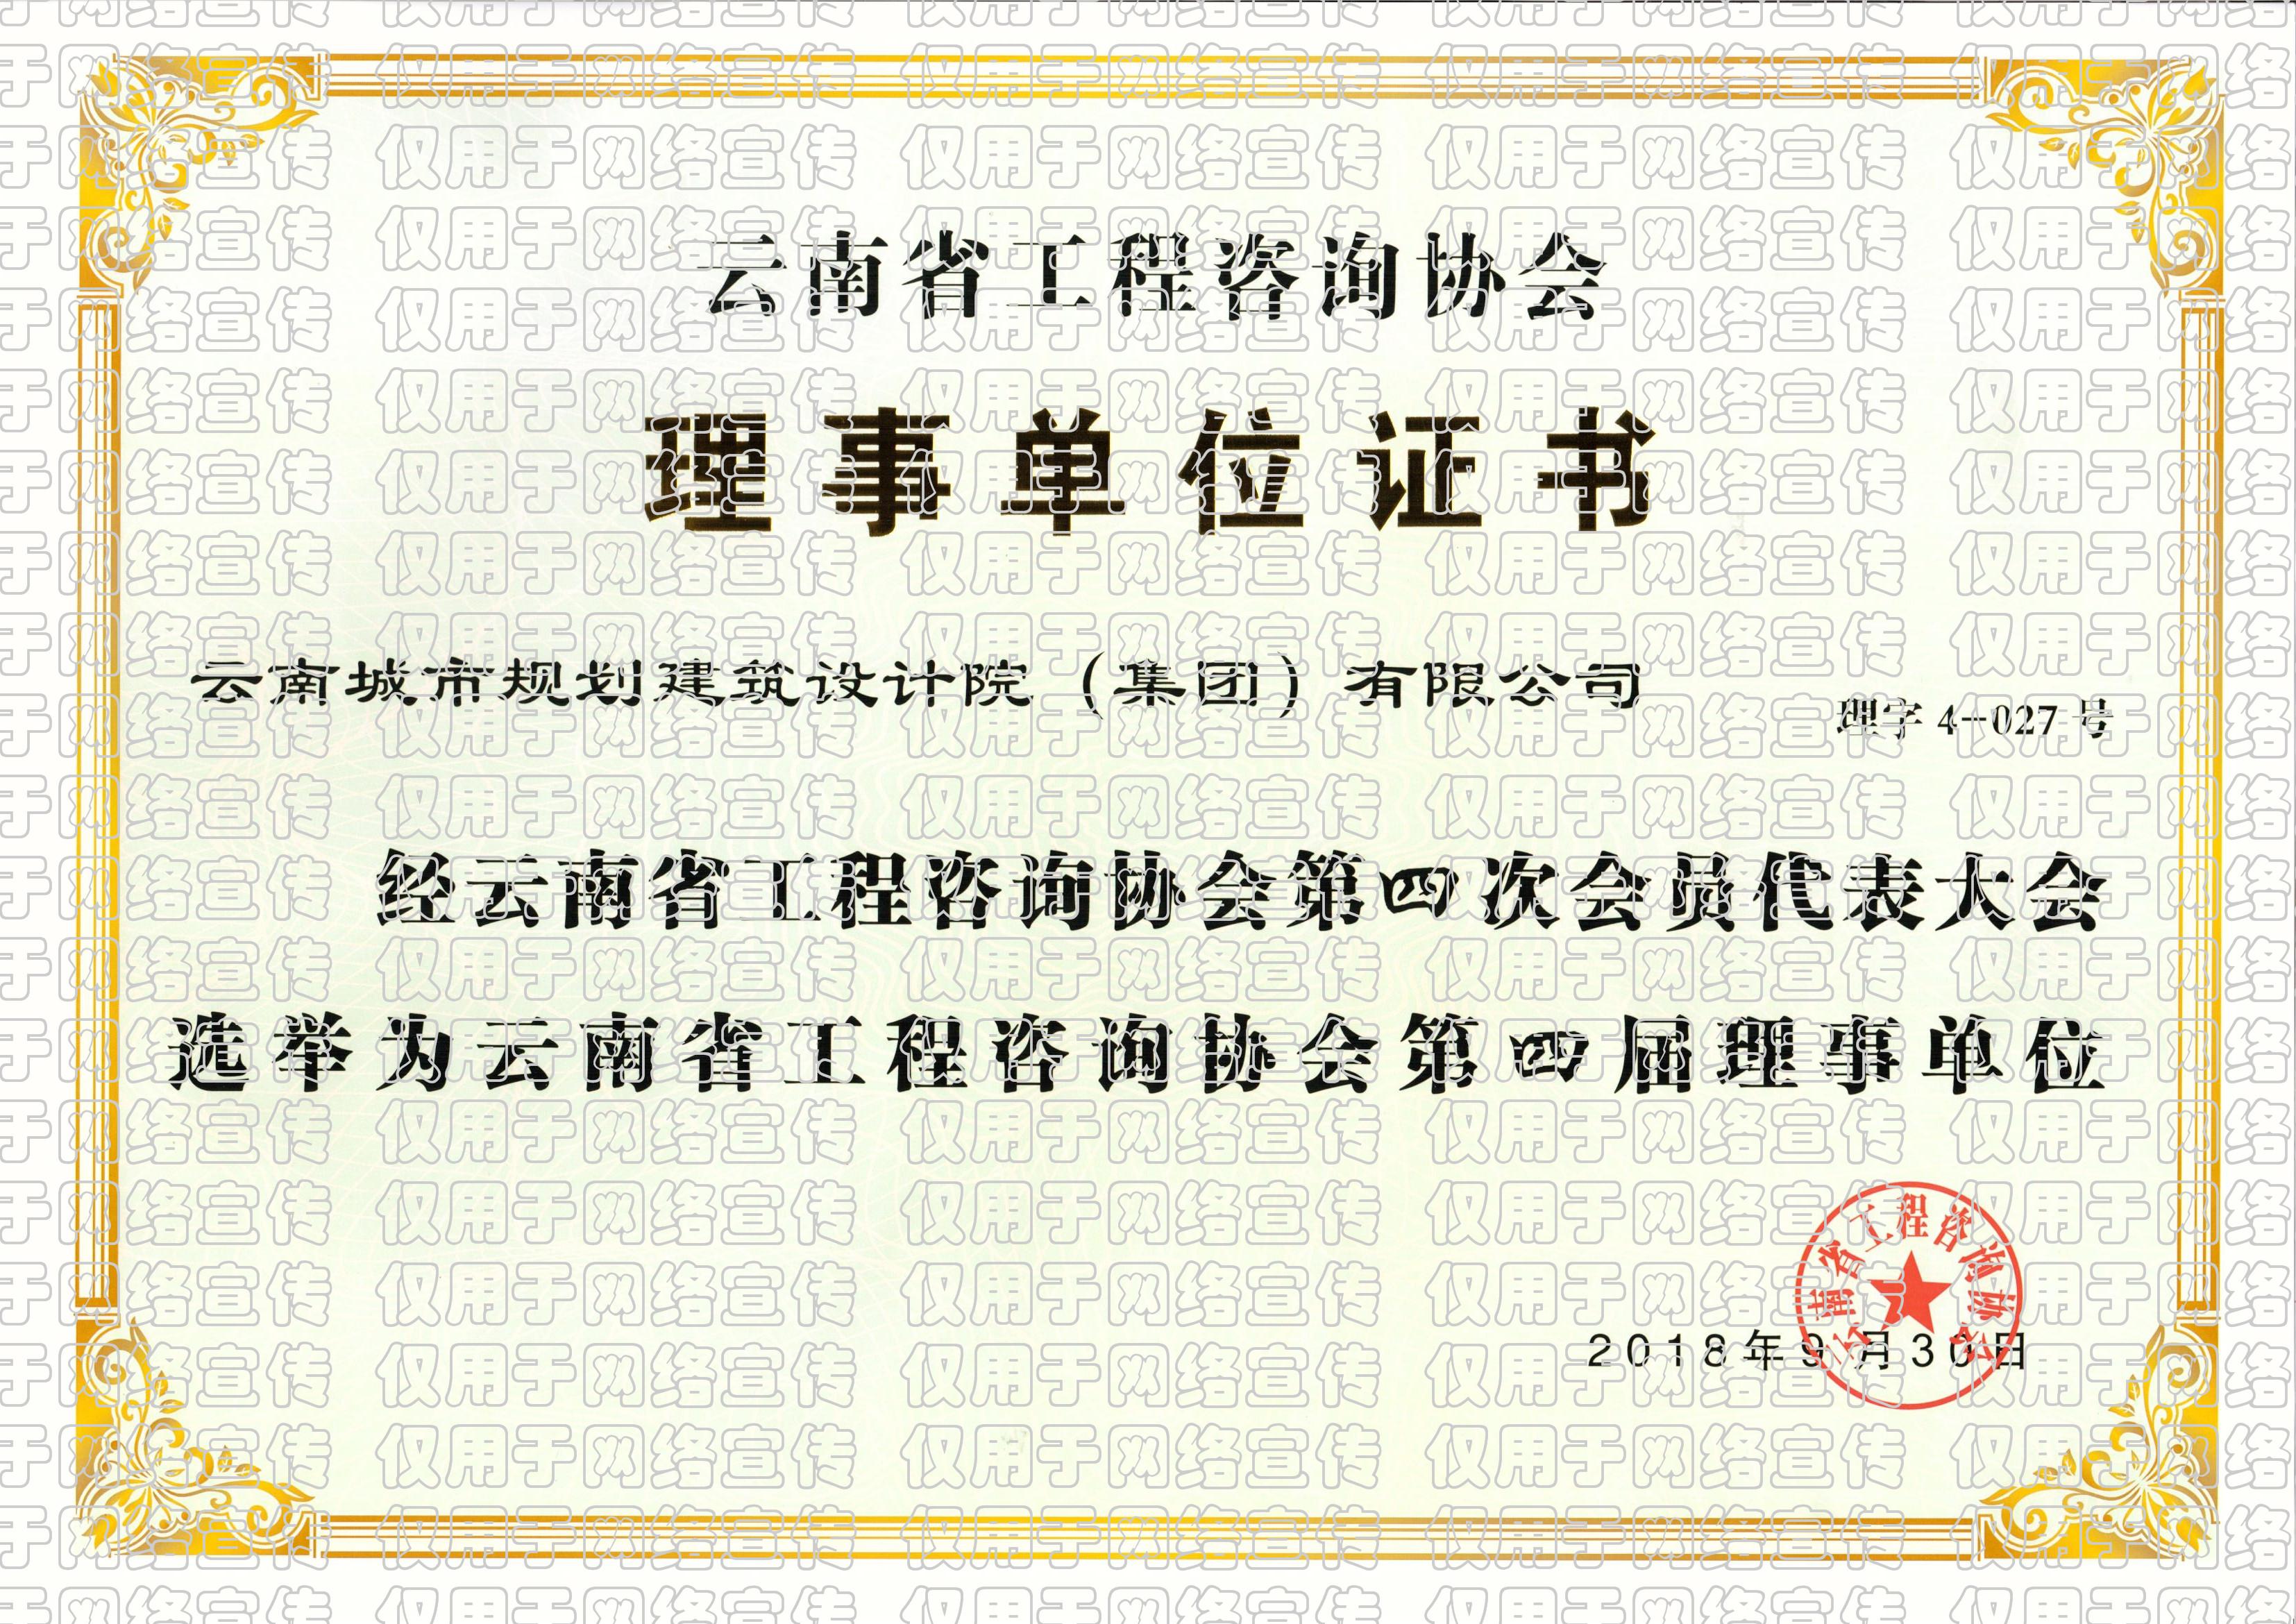 欧宝体育入口工程咨询协会第四届理事单位